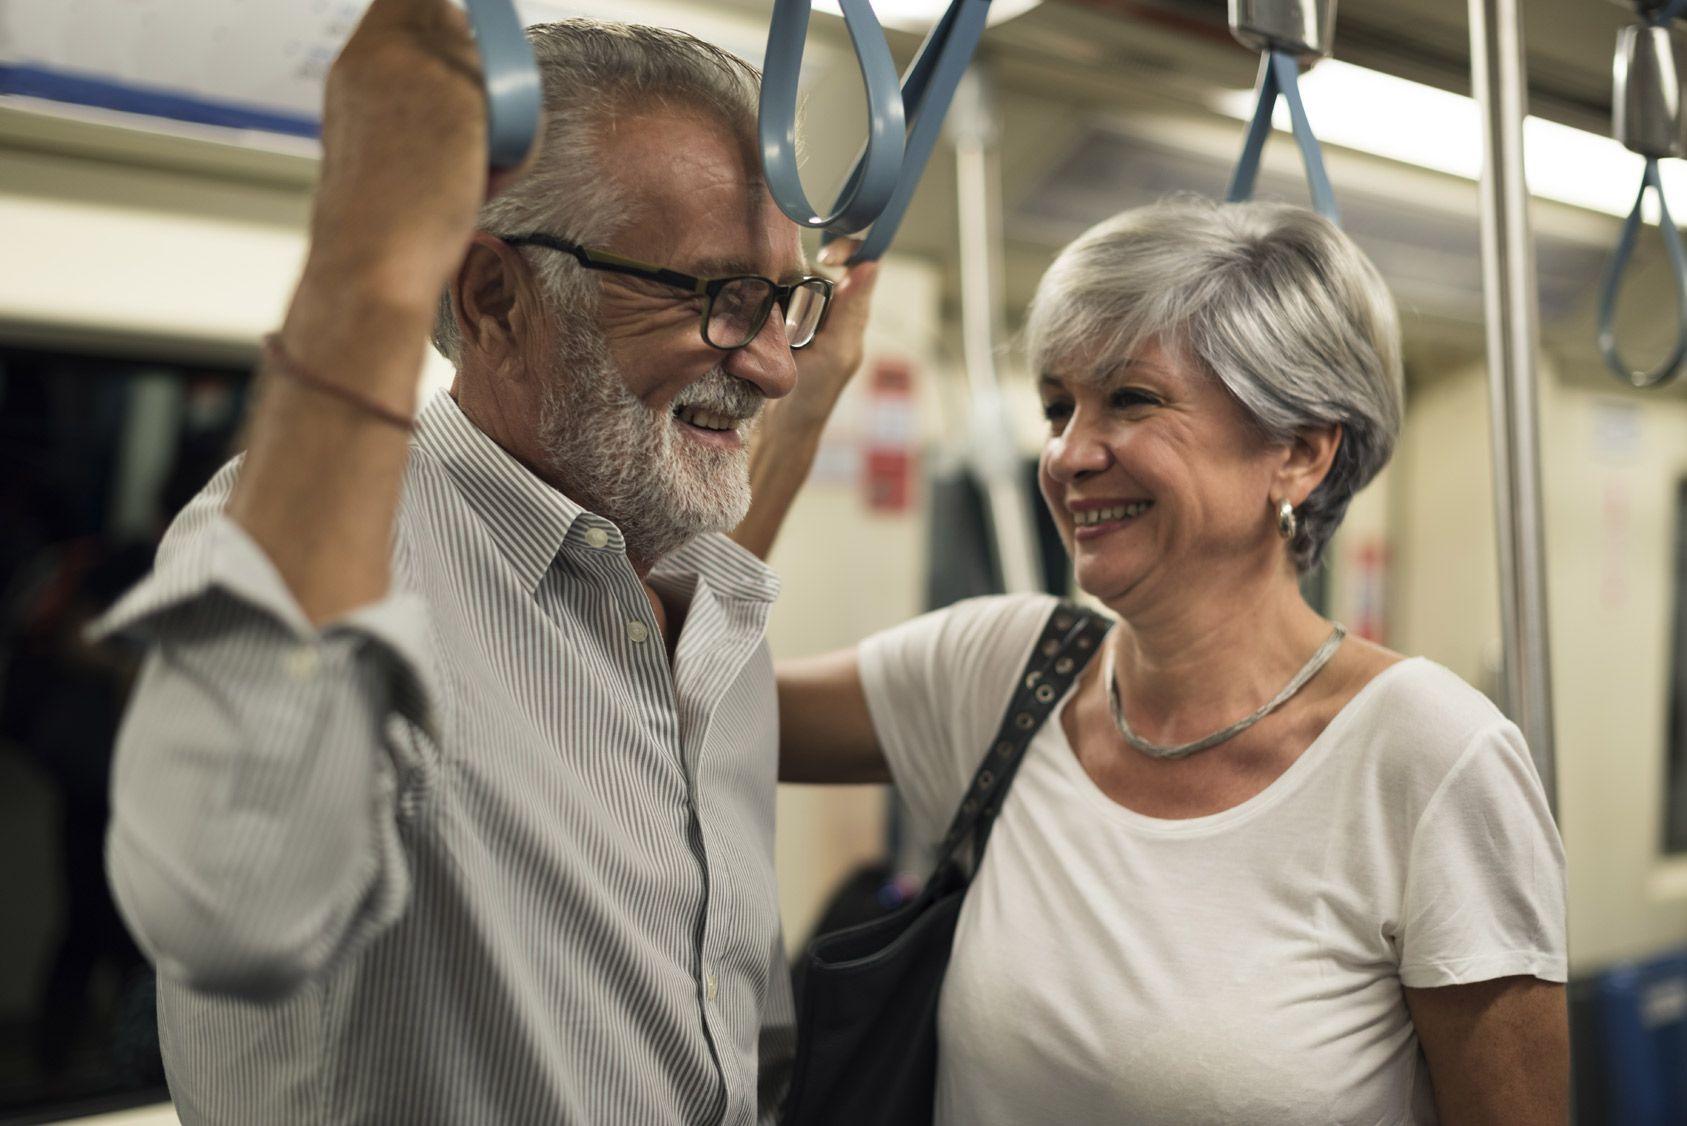 Transport gratuit à Paris pour les seniors et les personnes handicapées